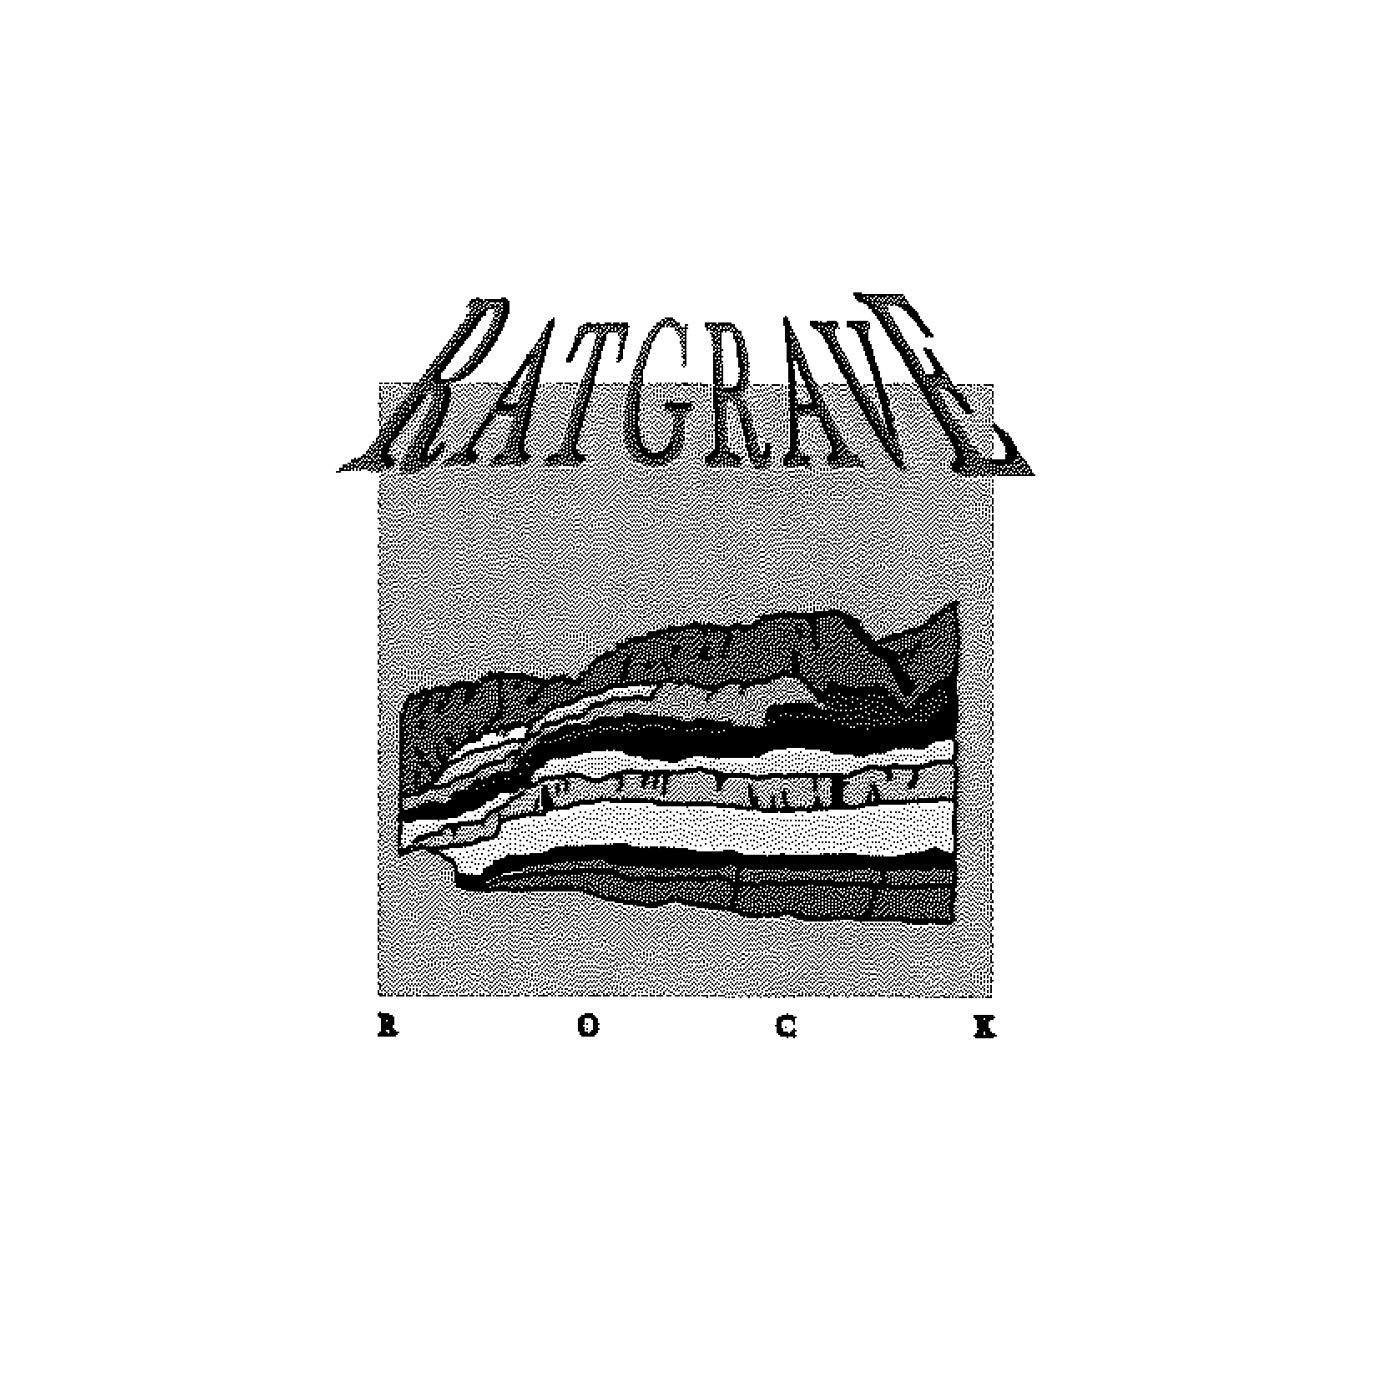 Ratgrave - Rock (2020) [FLAC] Download